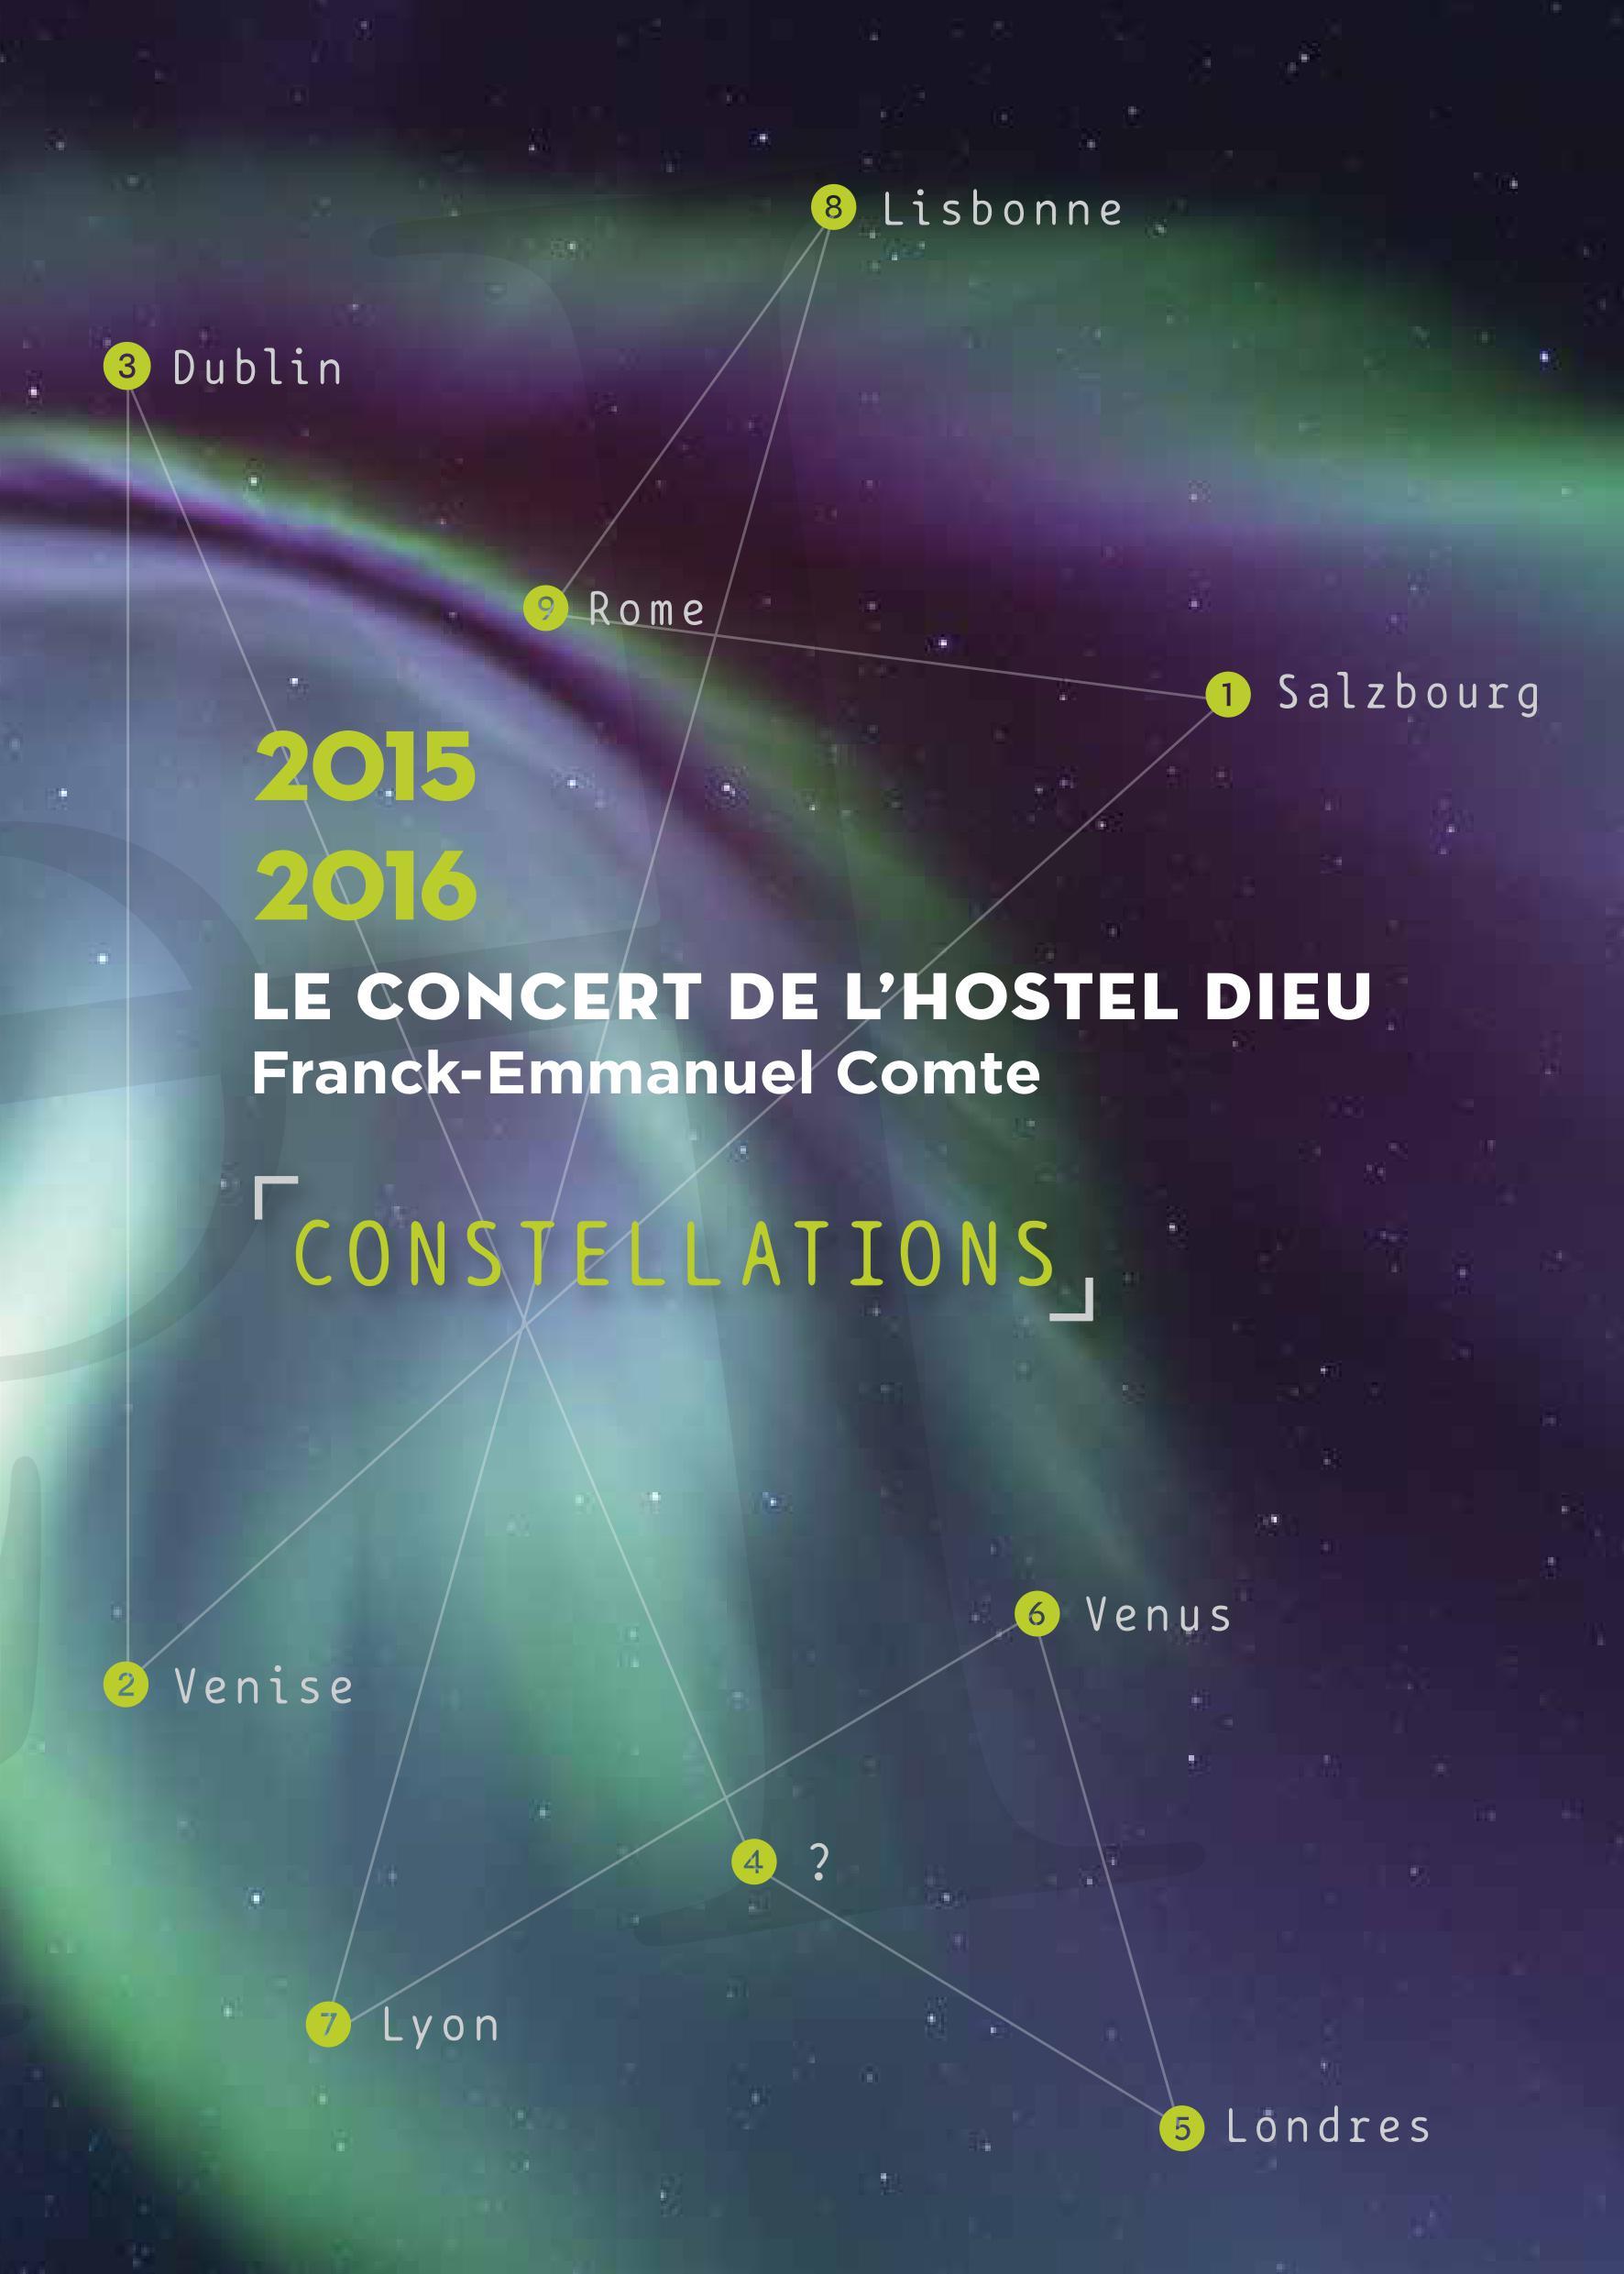 concerthosteldieu-saison1516-visuel